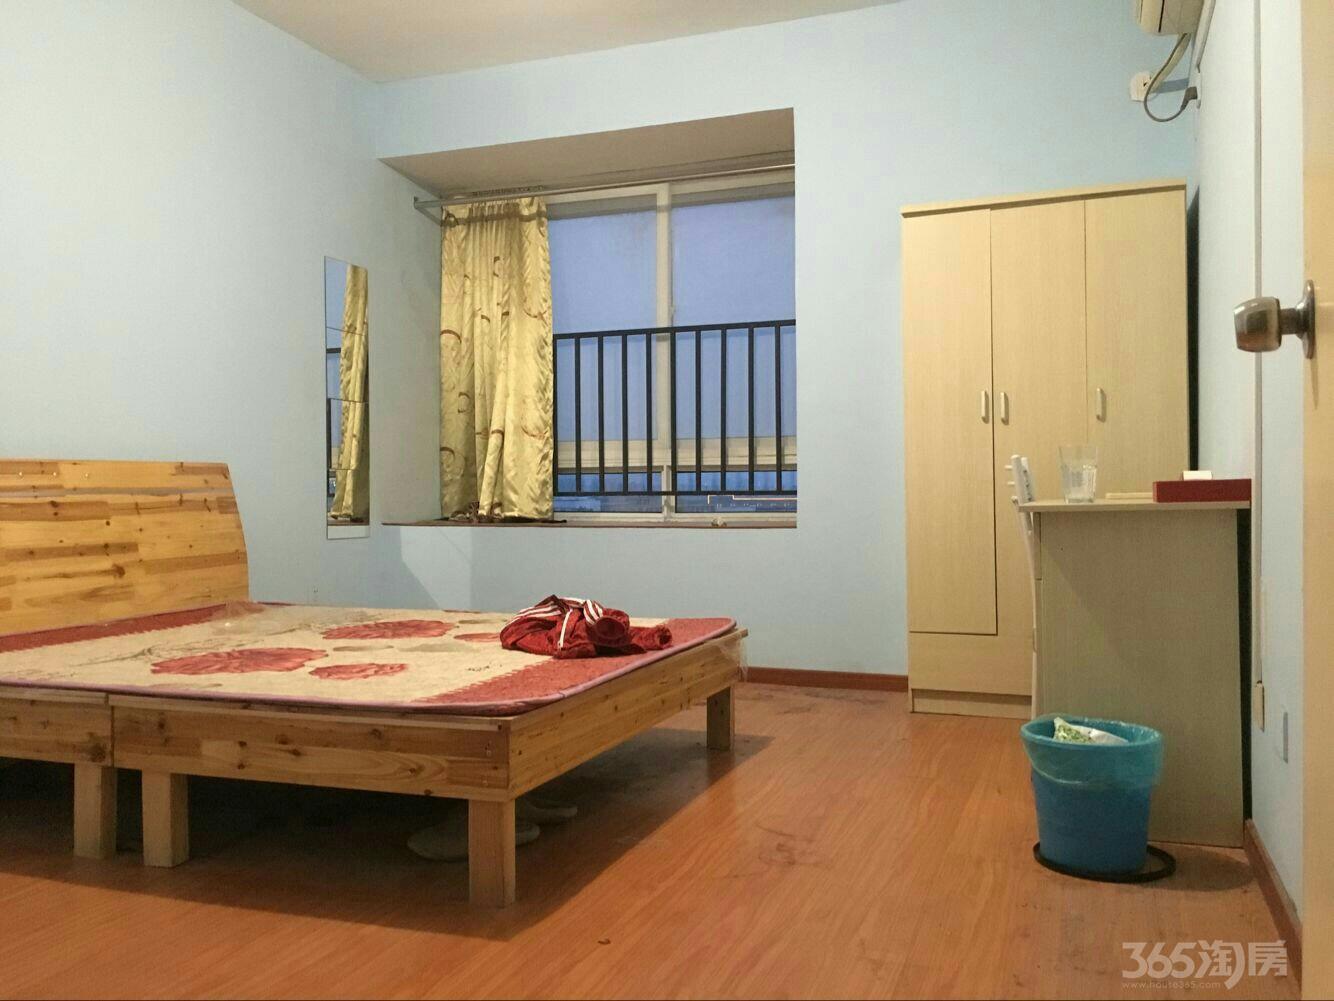 大明宏苑4室0厅1卫26平米合租精装